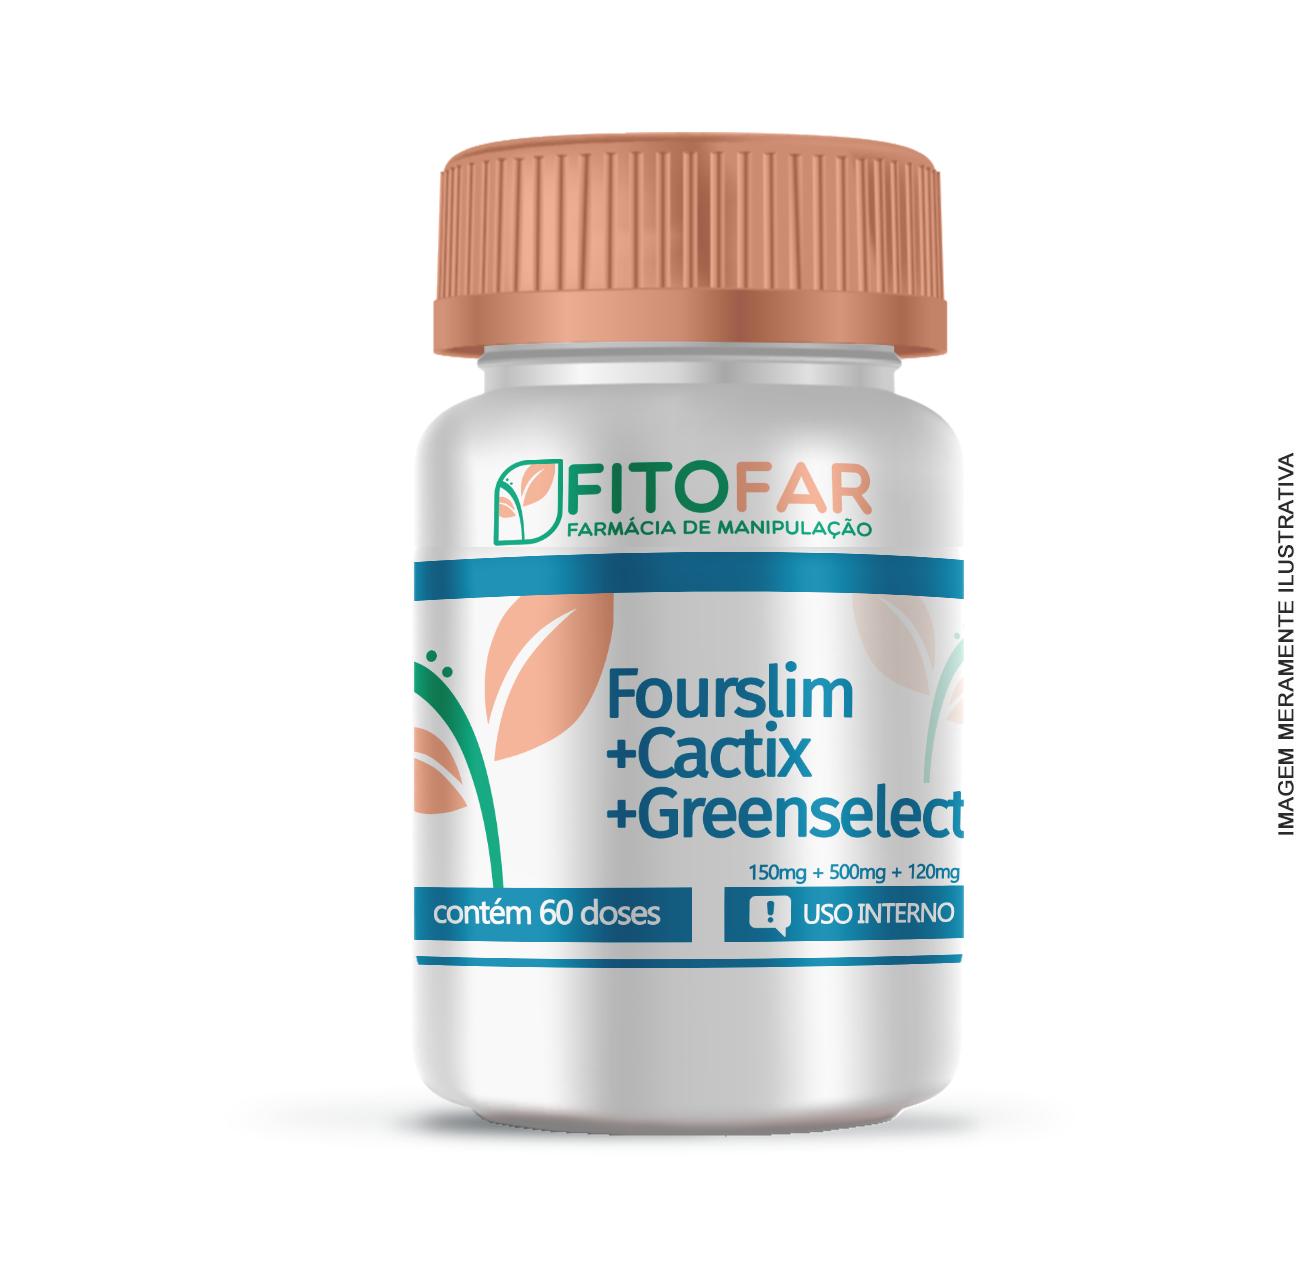 Fourslim® + Cactix® + Greenselect® - Combinado emagrecedor - 60 doses